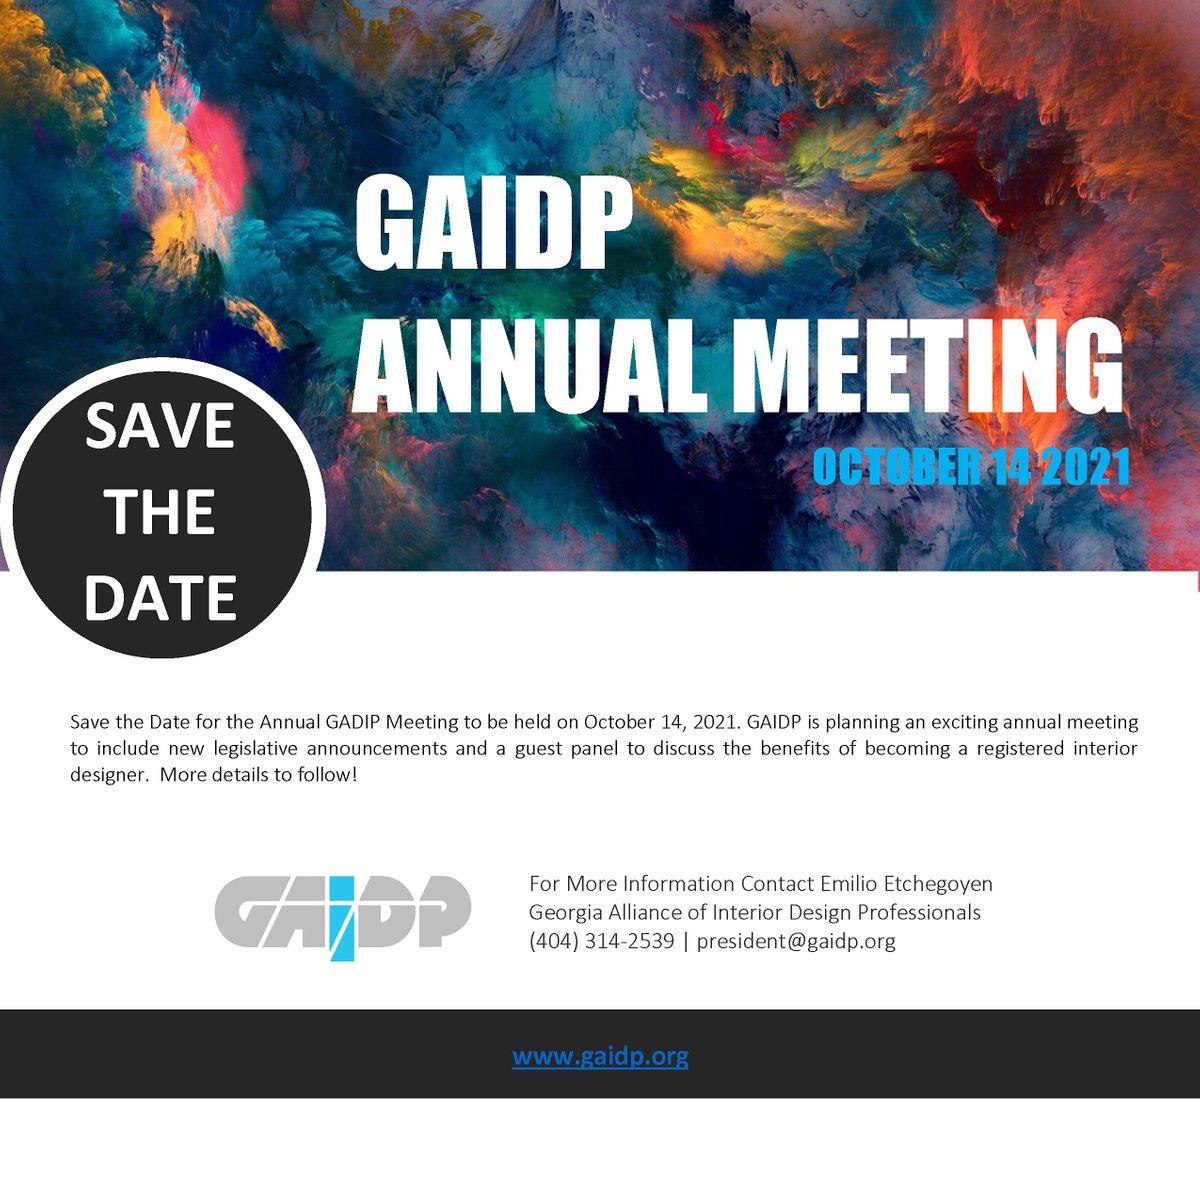 GAIDP 2021 Annual Meeting